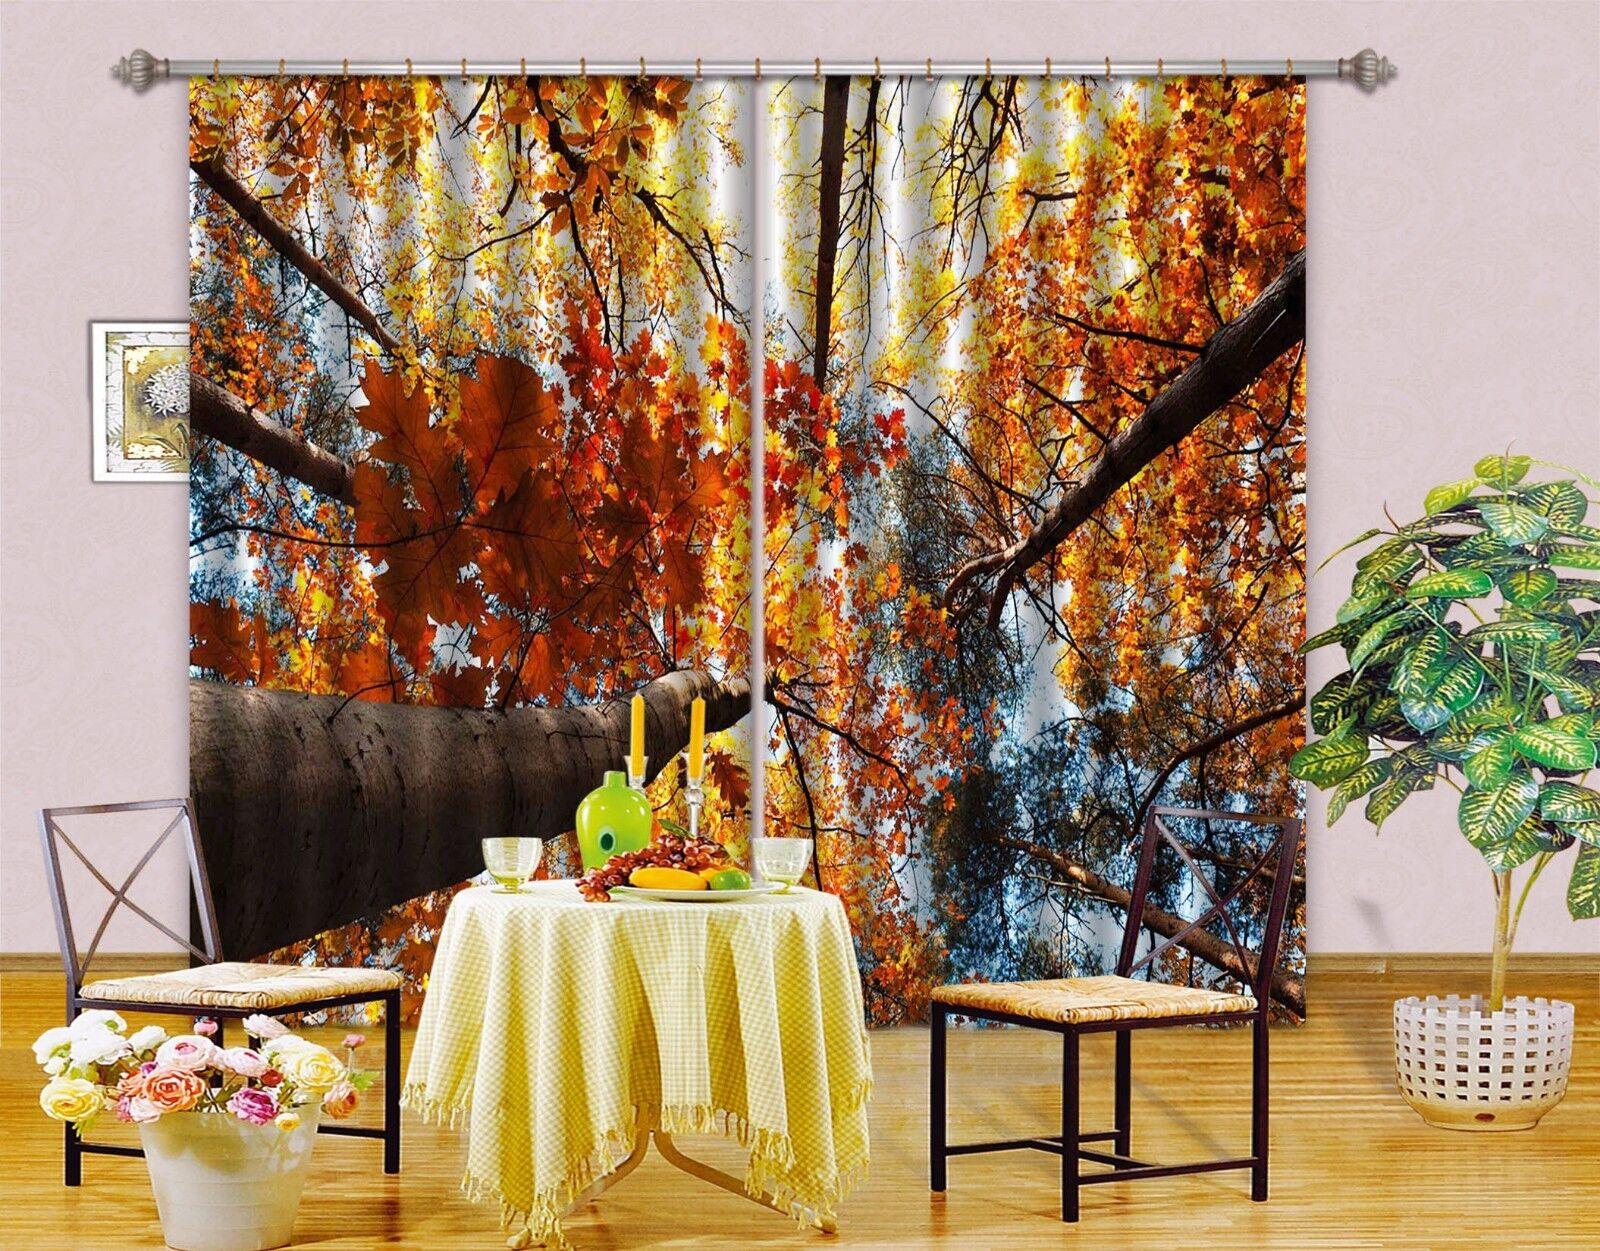 3D Hoja de Arce 639 Cortinas de impresión de cortina de foto Blockout Tela Cortinas Ventana Reino Unido